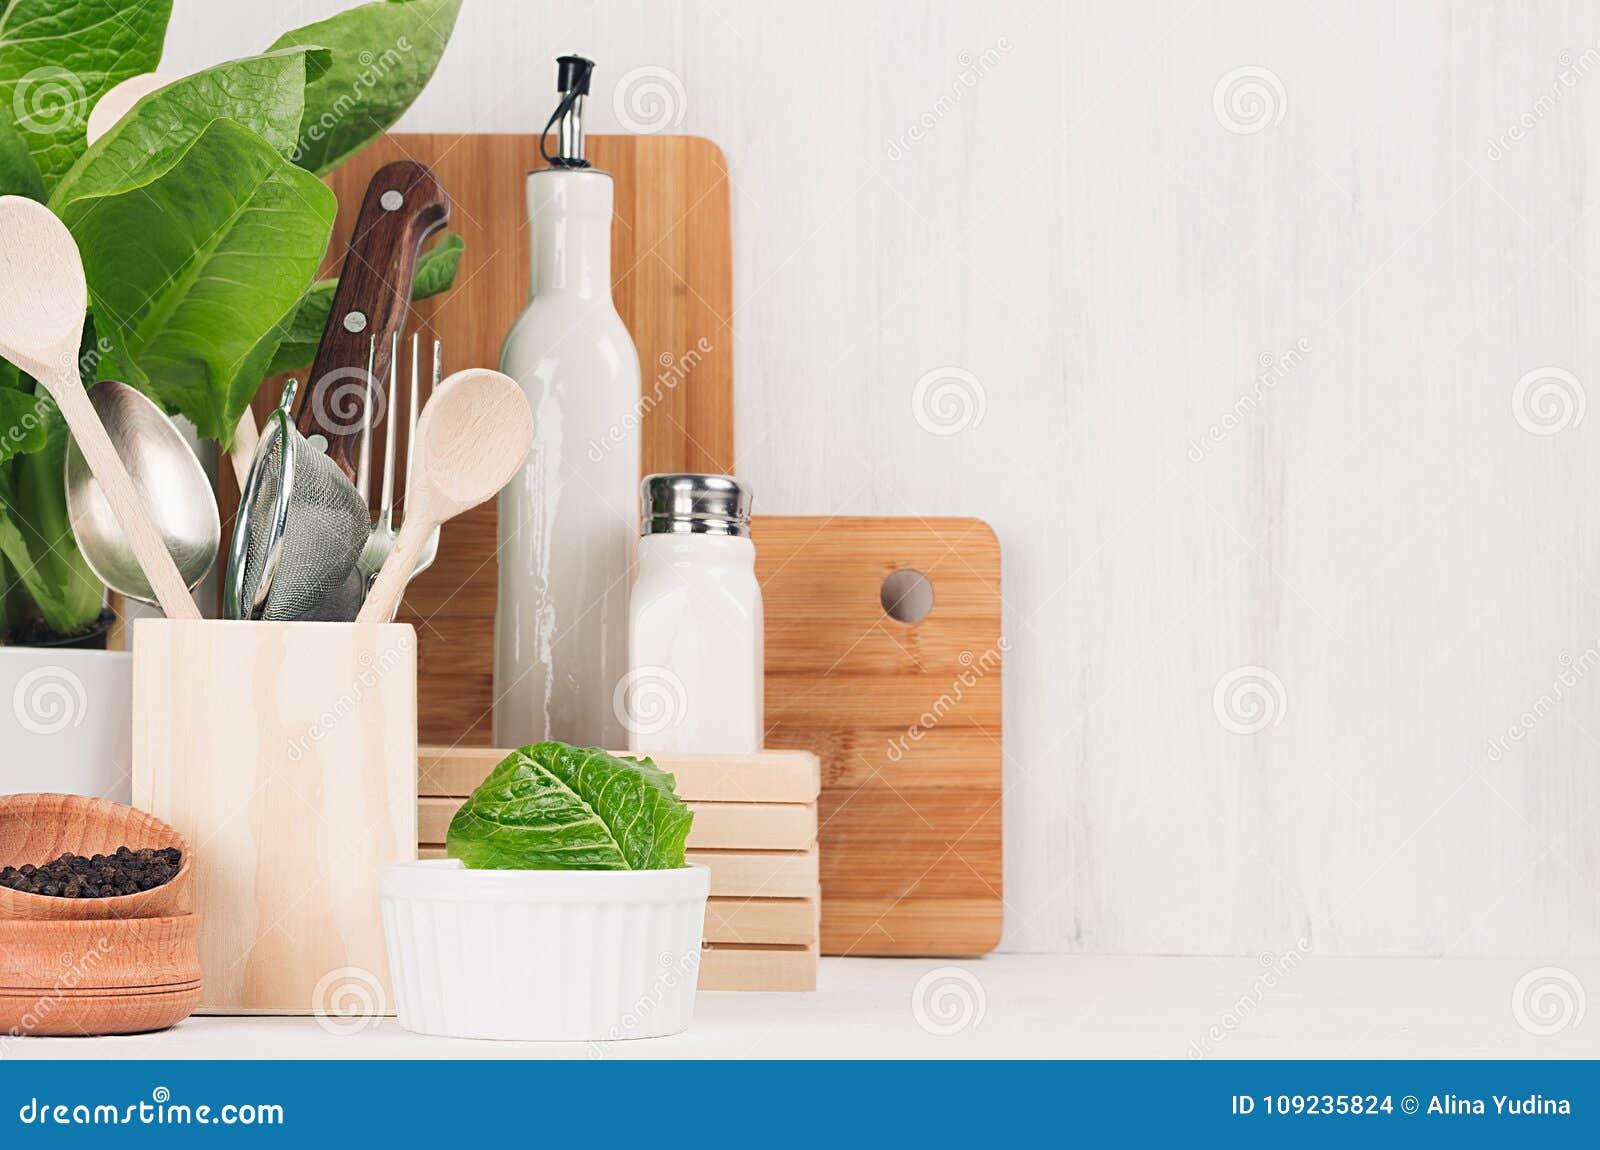 Keuken modern decor - beige houten werktuigen, bruine scherpe raad, groene installatie op zachte lichte witte houten achtergrond